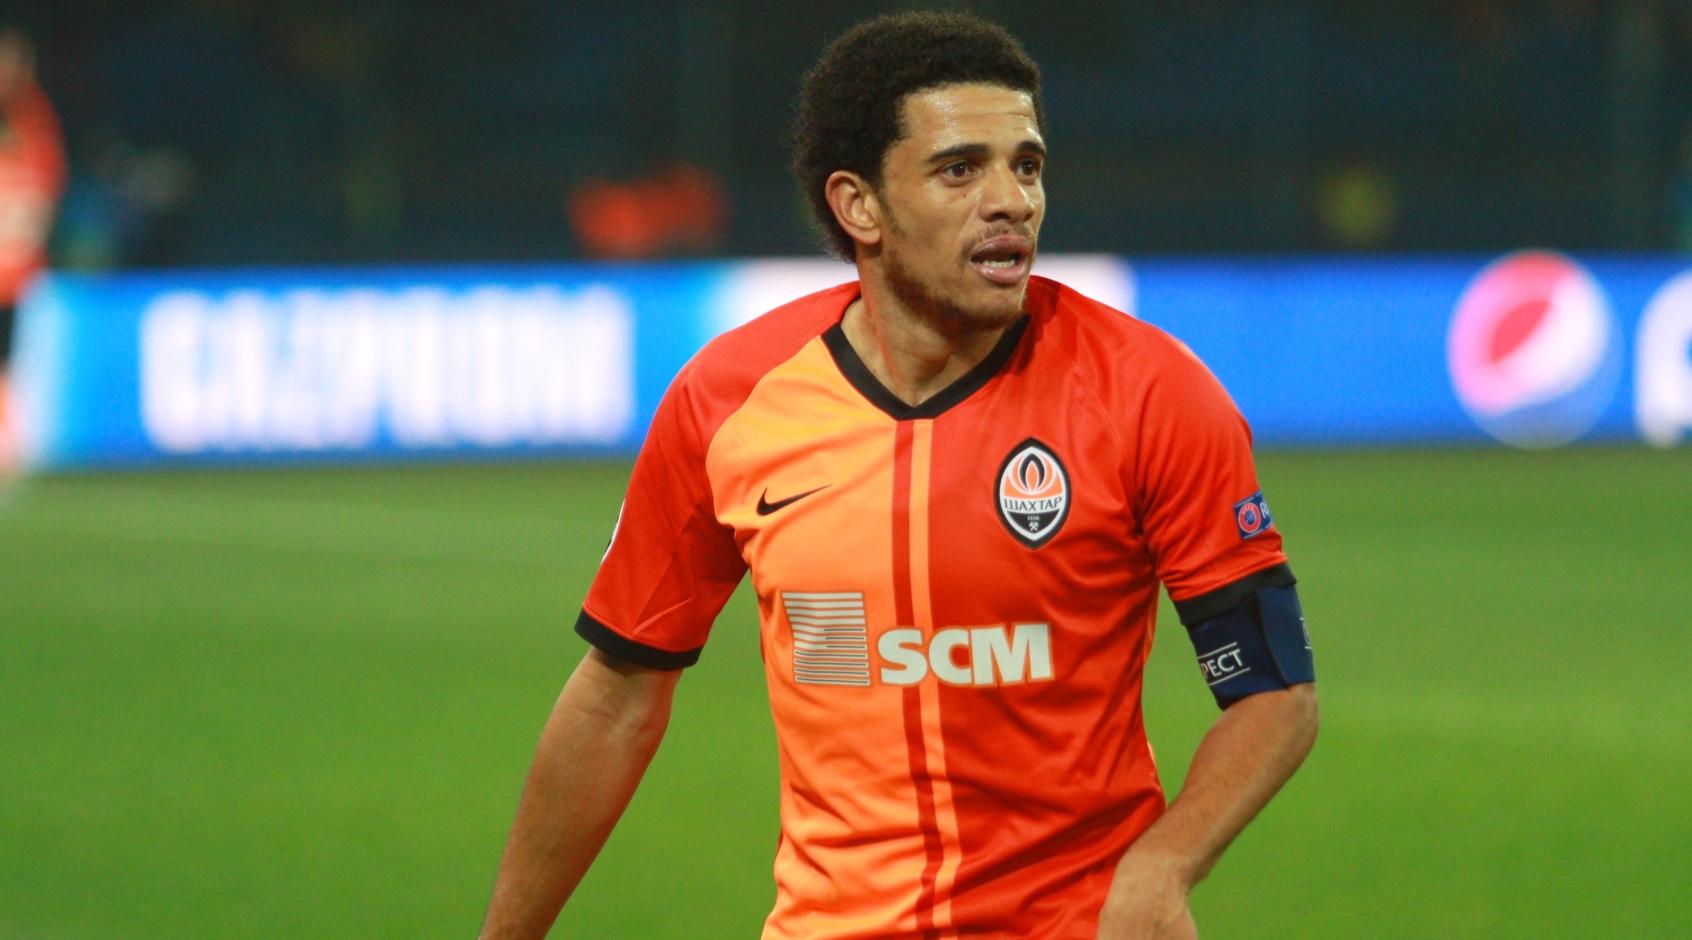 Тайсон - лучший футболист 2019-го года в Украине